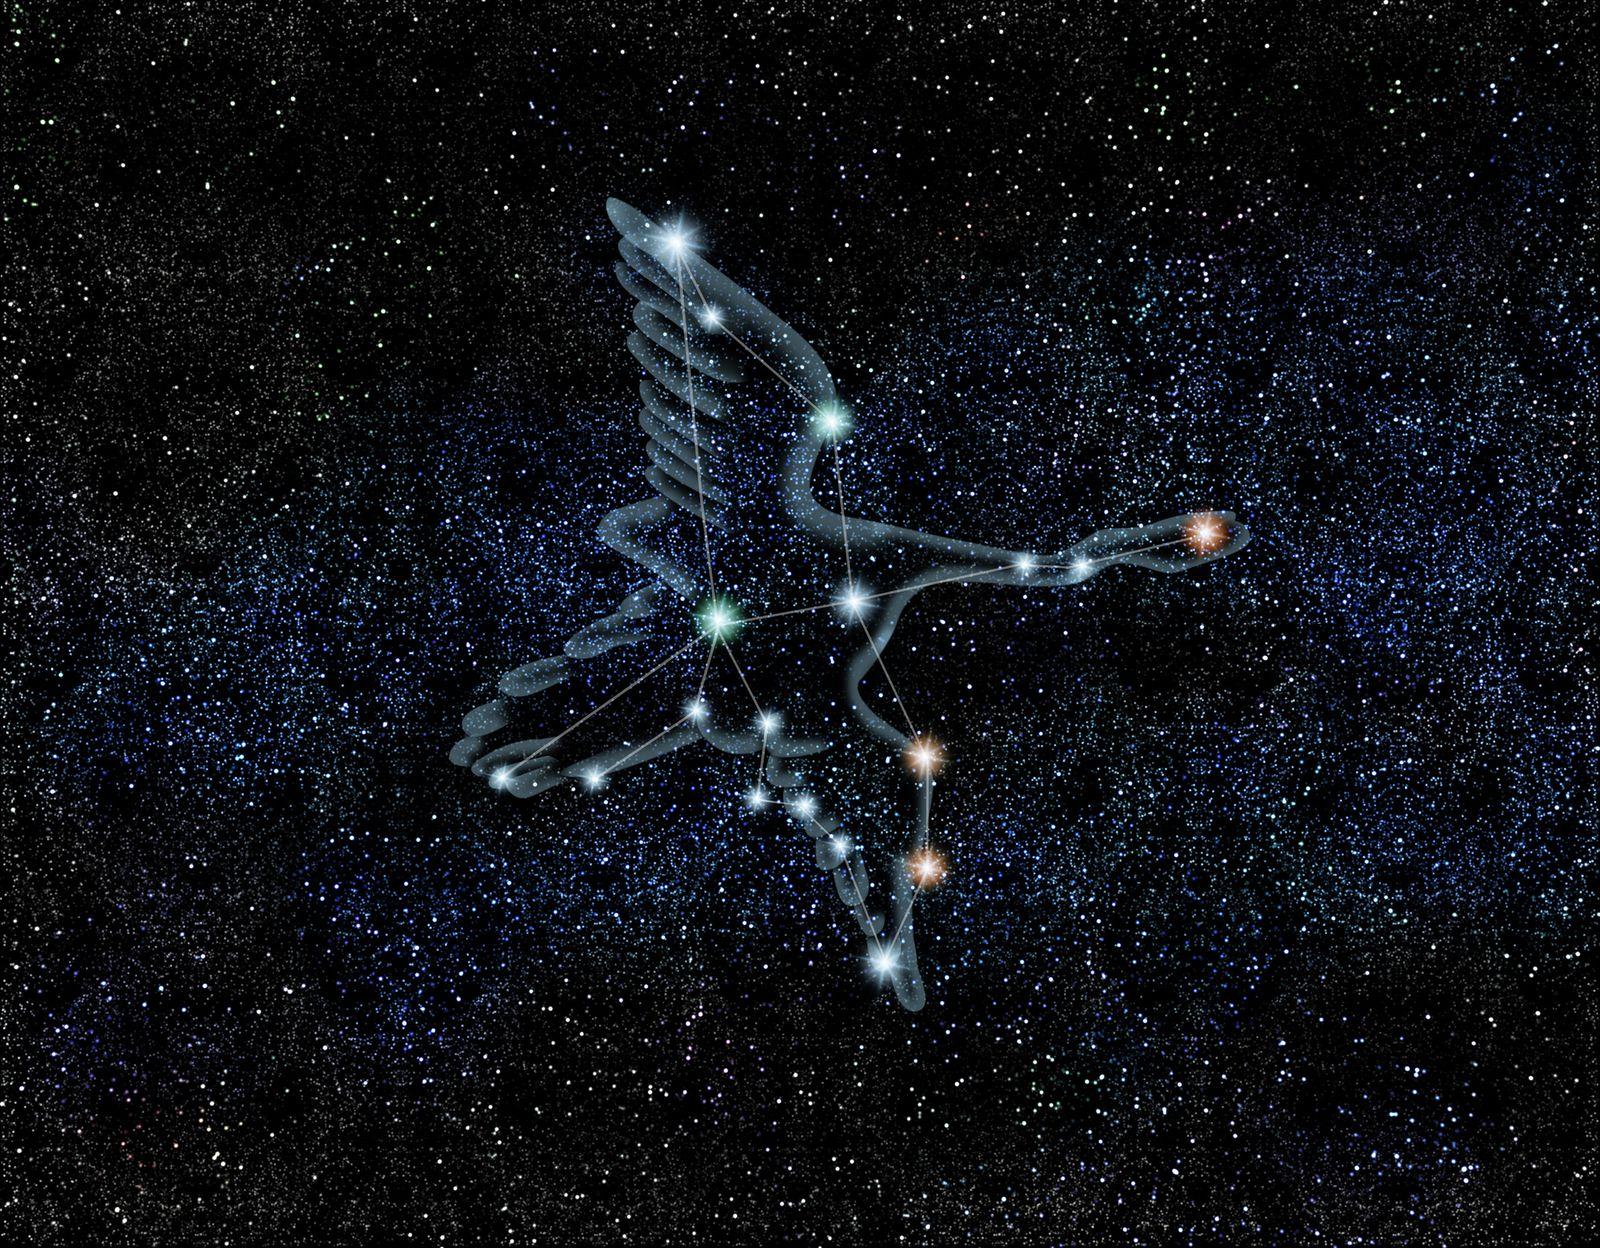 夏の星座は「はくちょう座」。大きな鳥が羽ばたいていく様子を思い浮かべてみましょう。